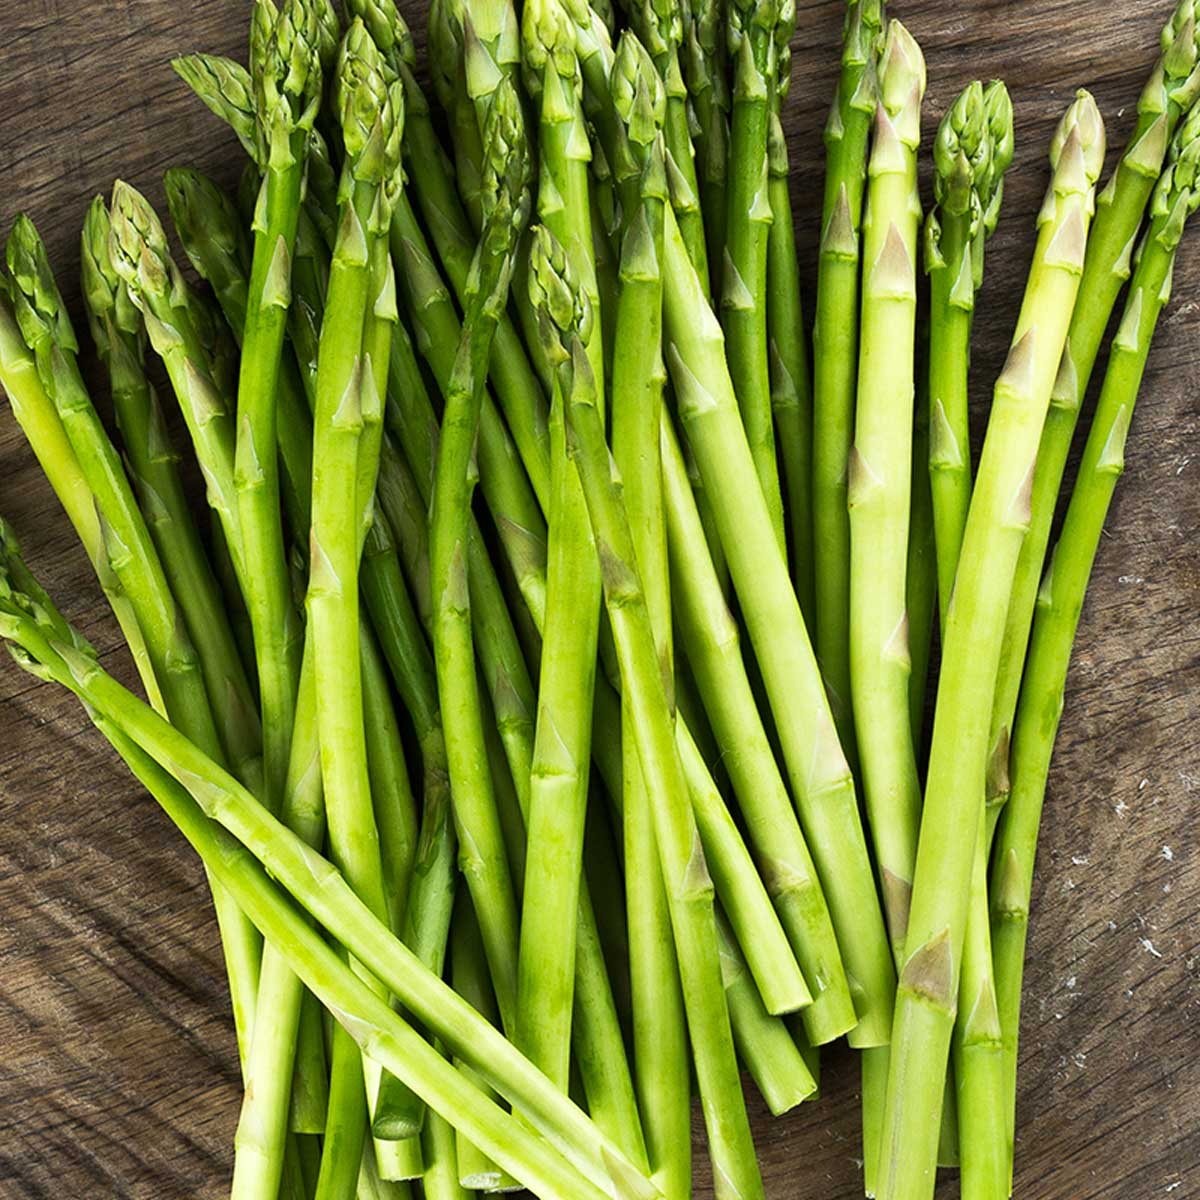 Спаржа: польза и вред для здоровья, свойства, калорийность, рецепты с фото